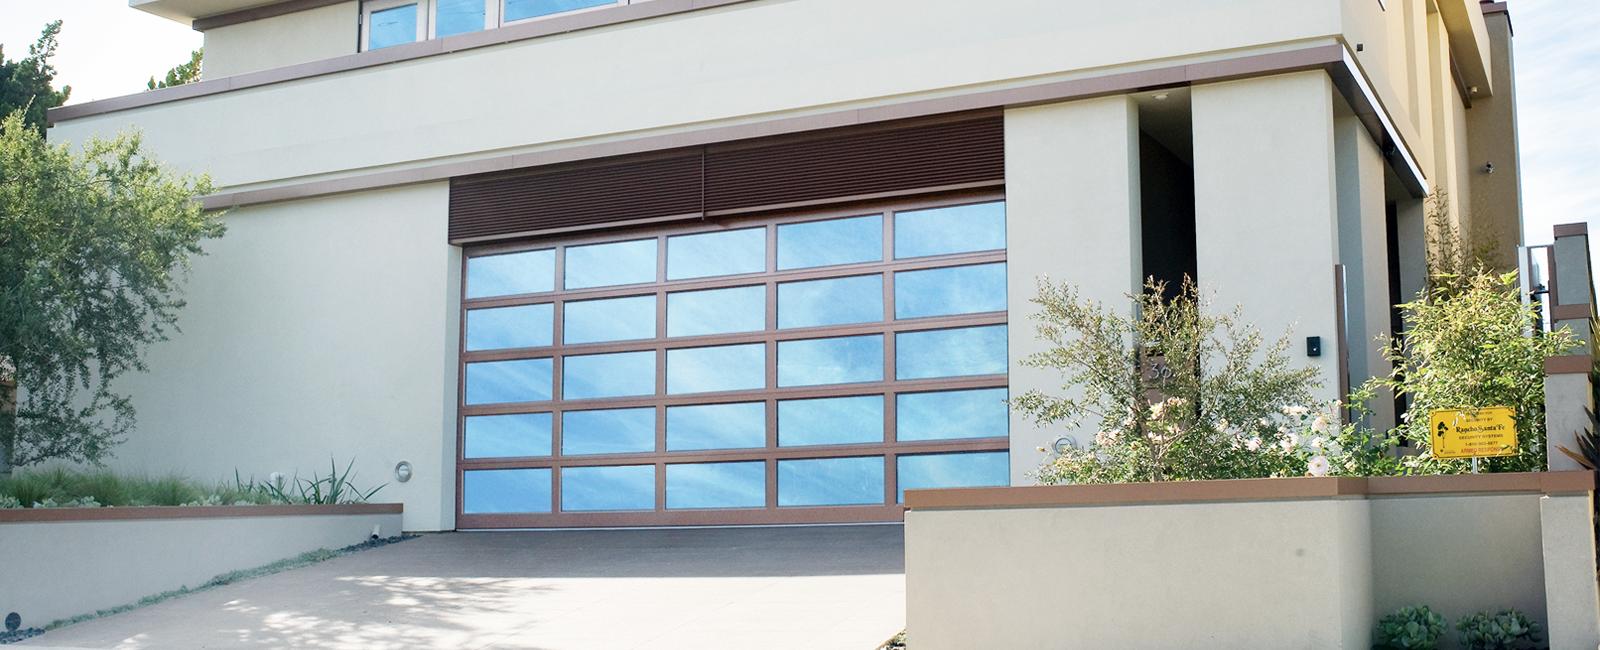 MJ Garage Doors | Garage Door Repair Santa Clarita (661) 250 6877